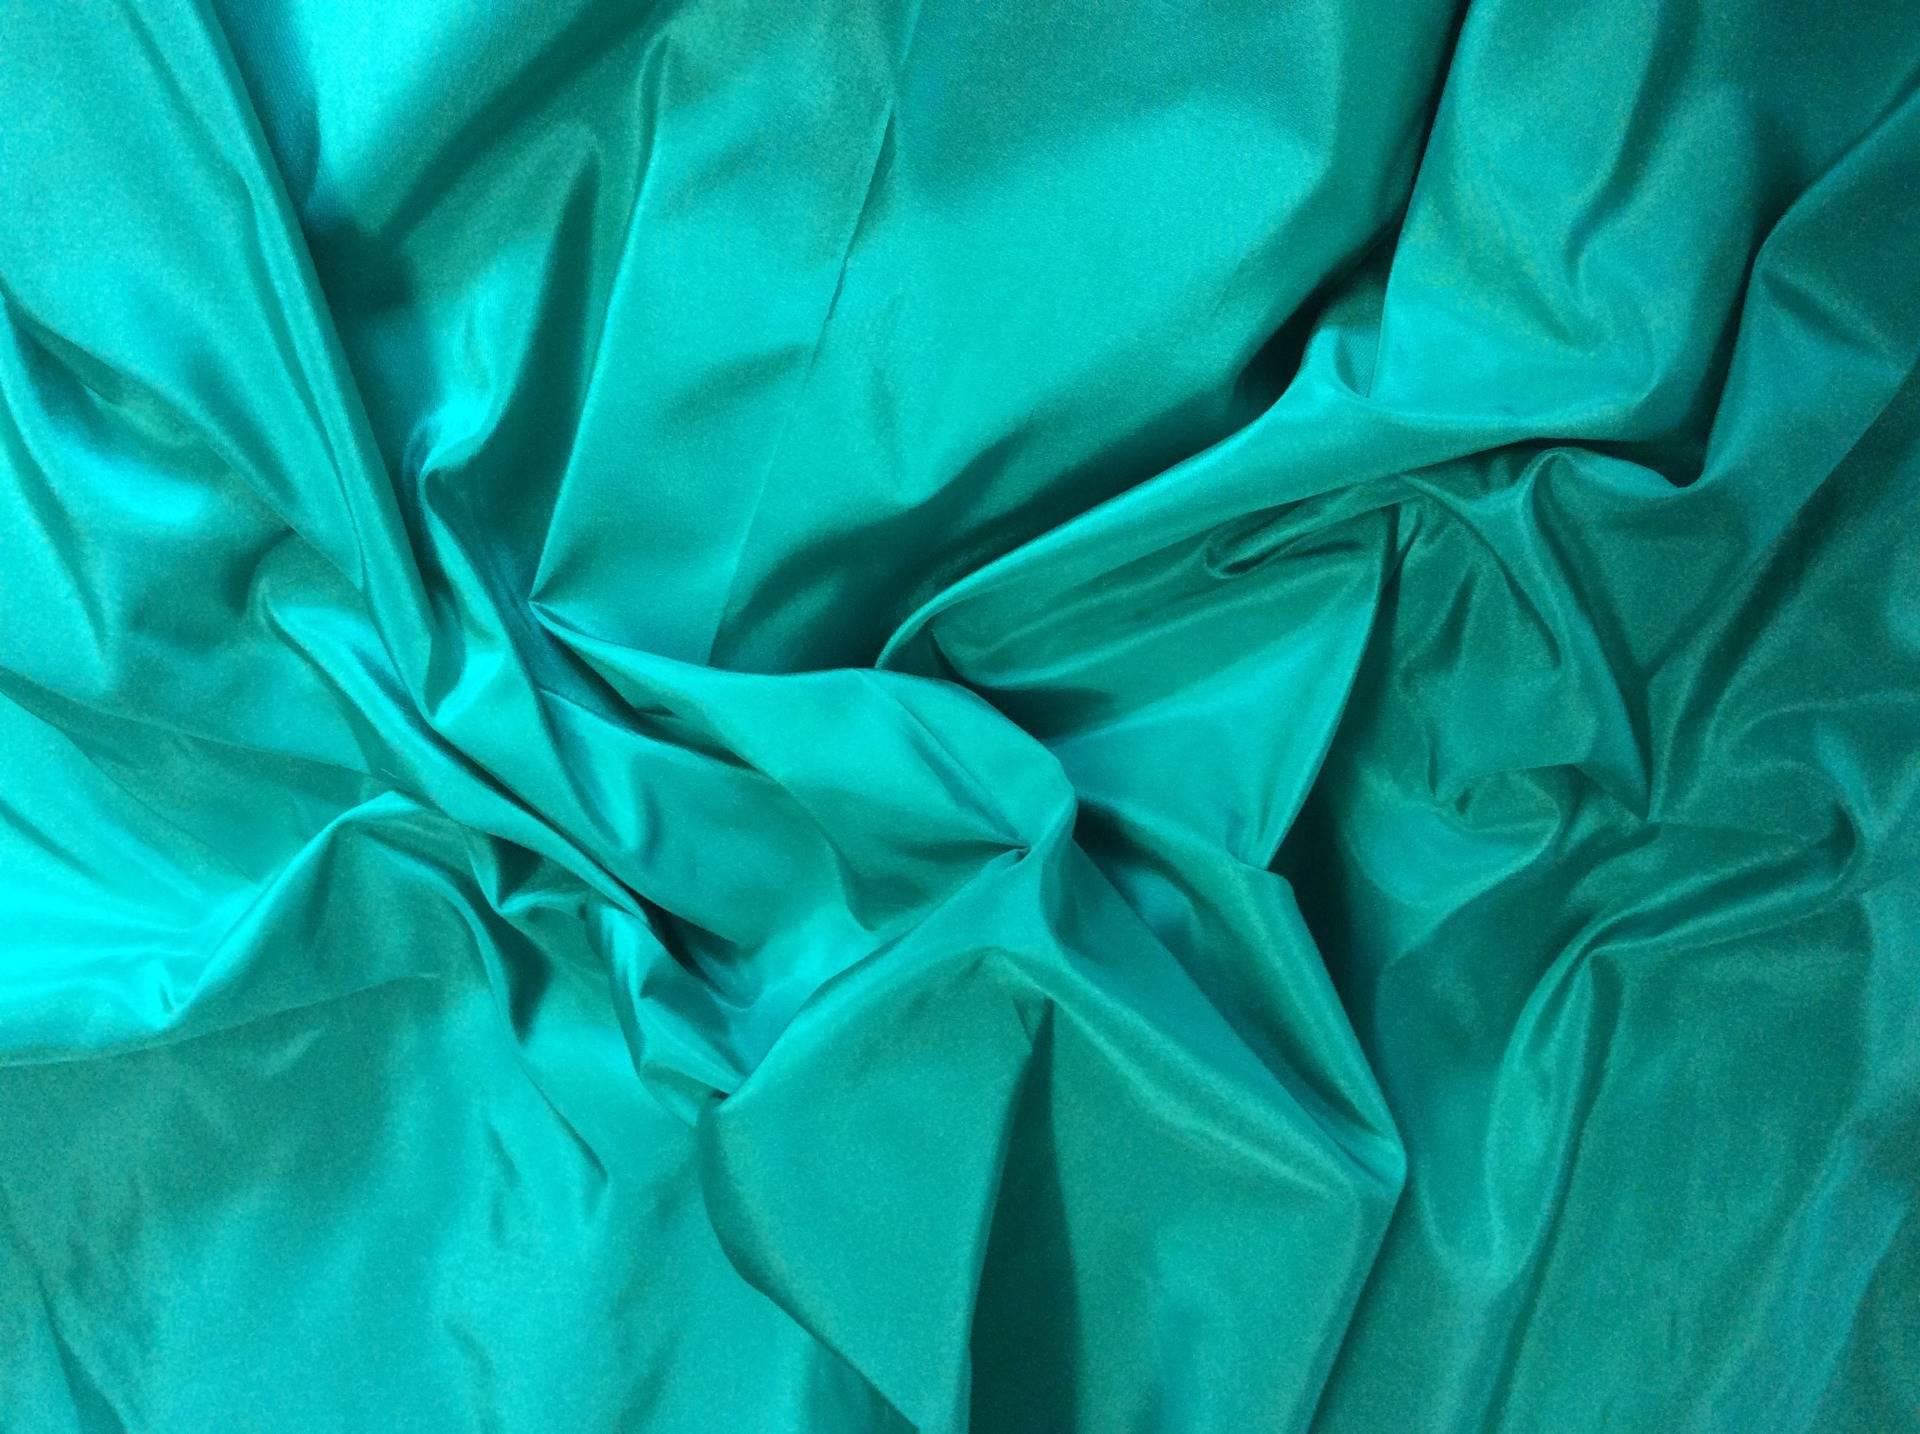 Couleur De L Emeraude véritable soie vendue par multiples de 25cm, couleur vert emeraude clair